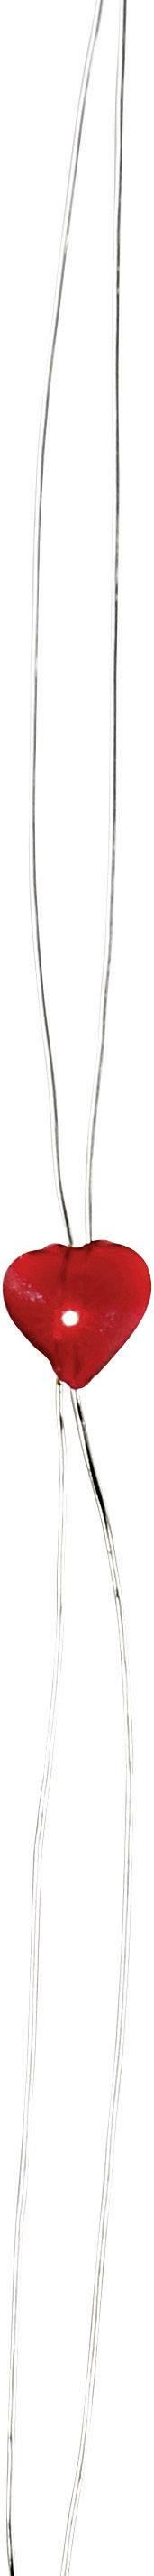 Vnútorná vianočná reťaz, motív srdca, 10 LED, červená